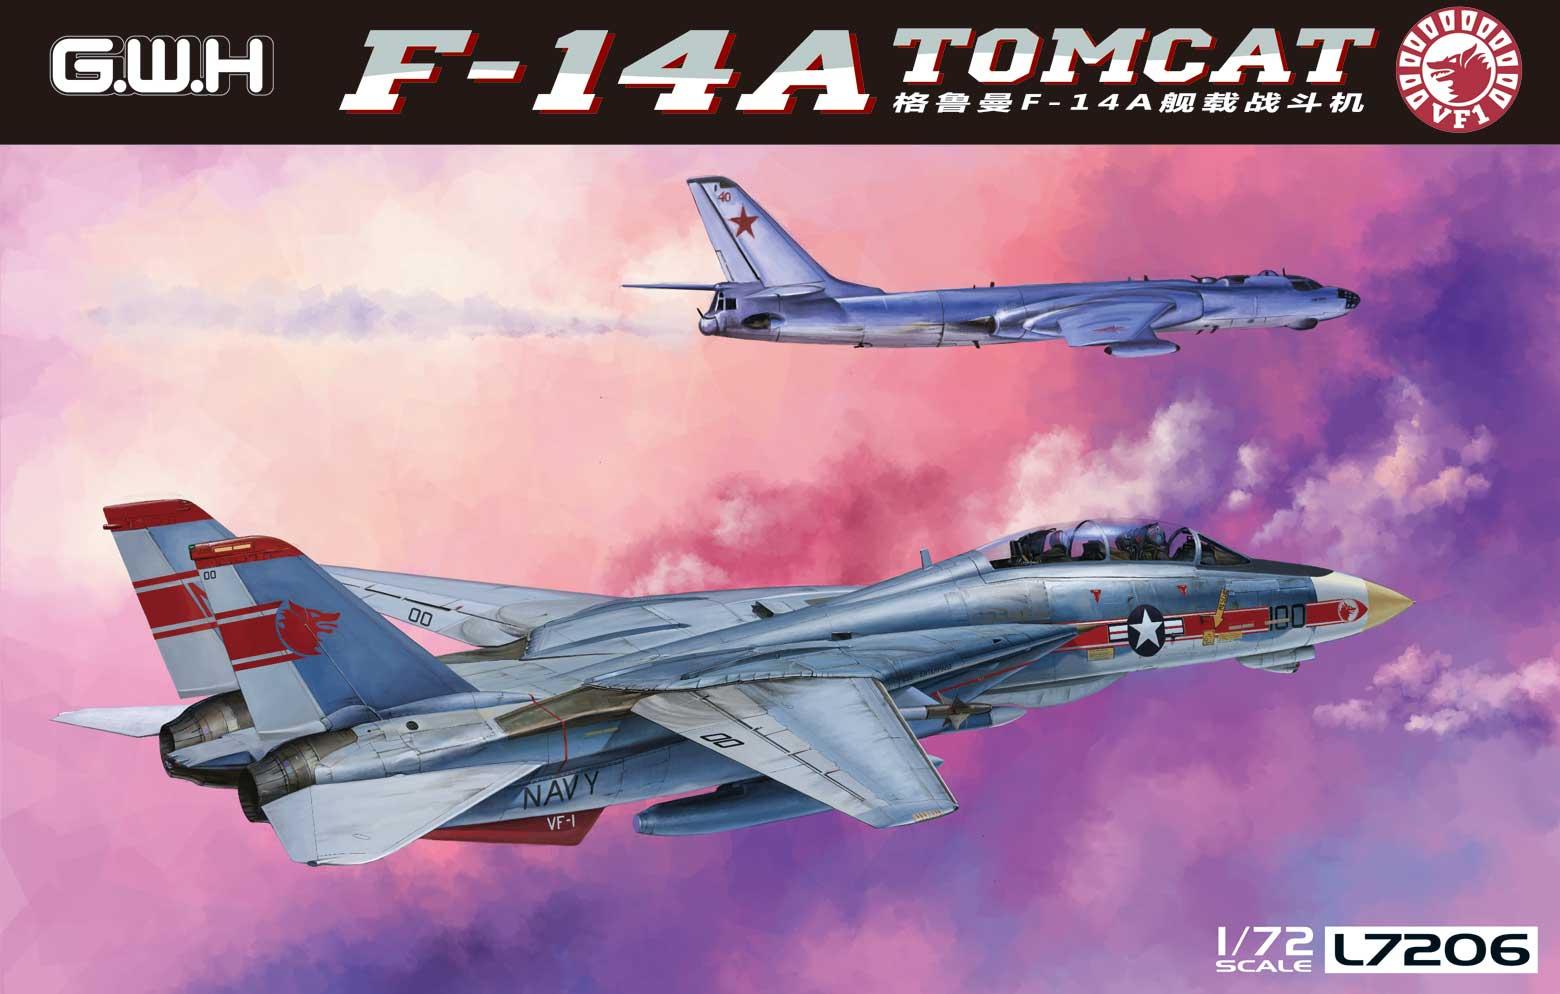 L7206 1/72 アメリカ海軍 F-14A艦上戦闘機